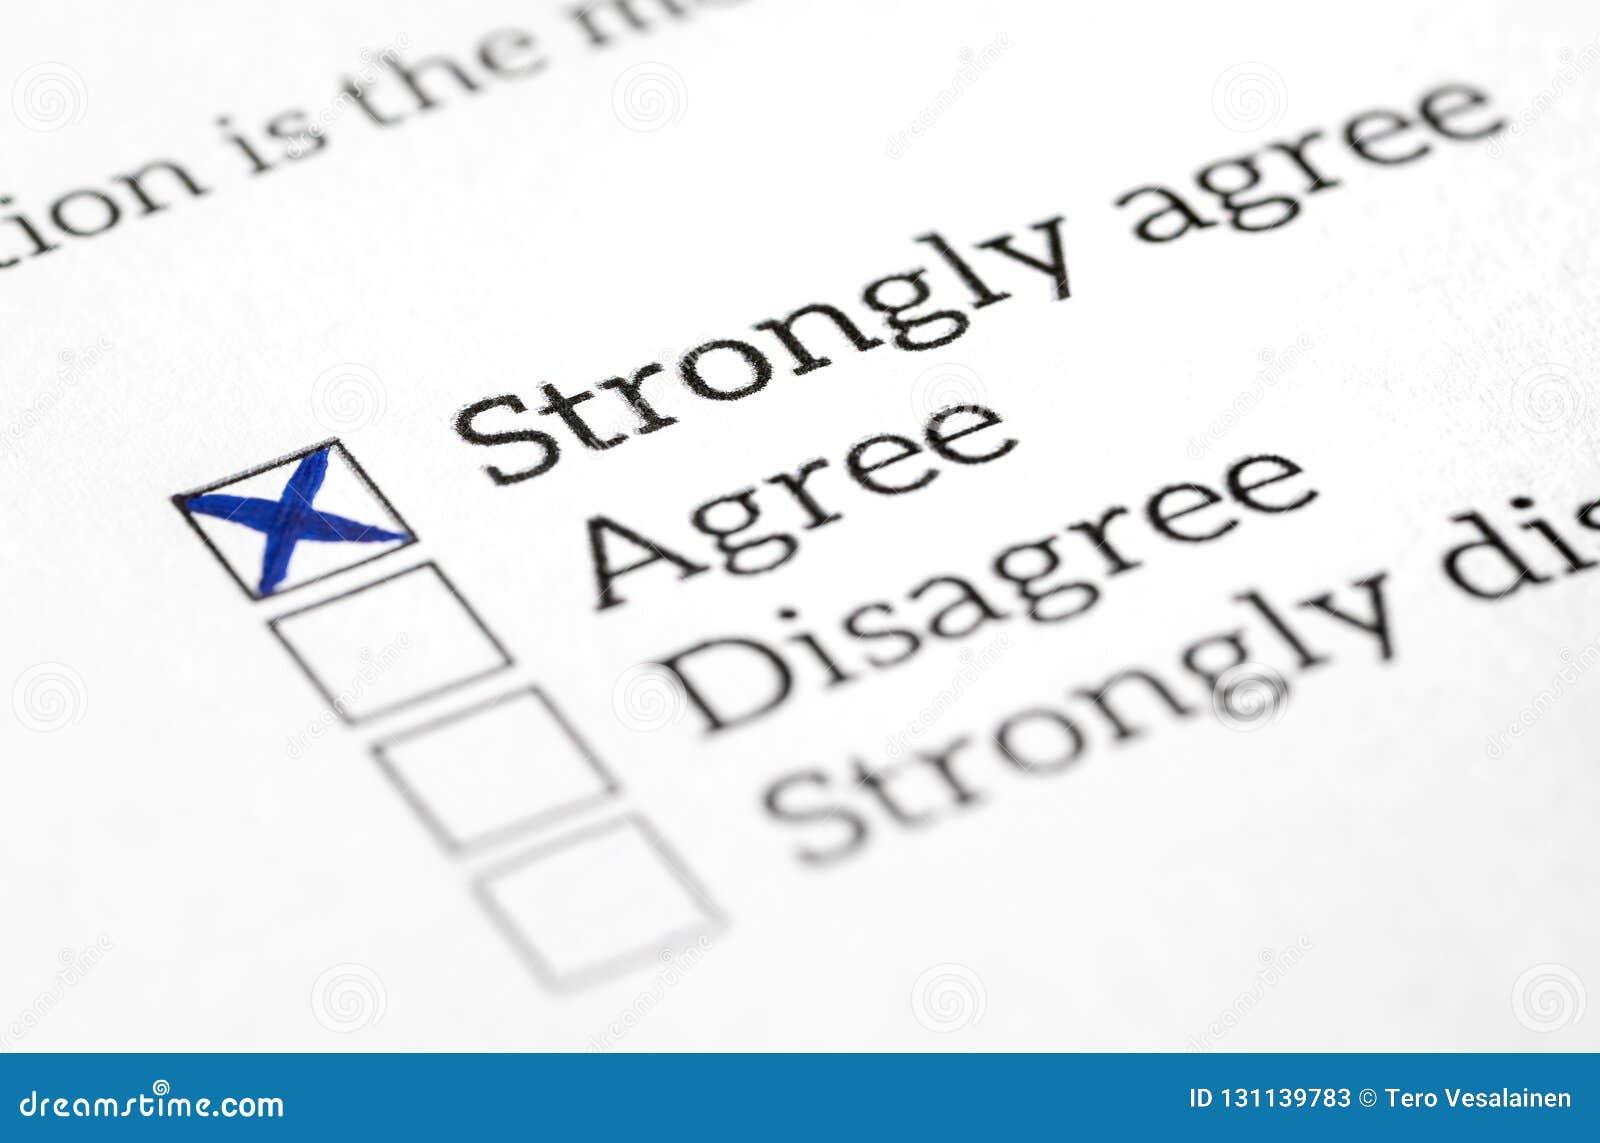 Keur vakje goed in opinieonderzoek, onderzoek en vragenlijst wordt gecontroleerd die Gelukkig en positief antwoord